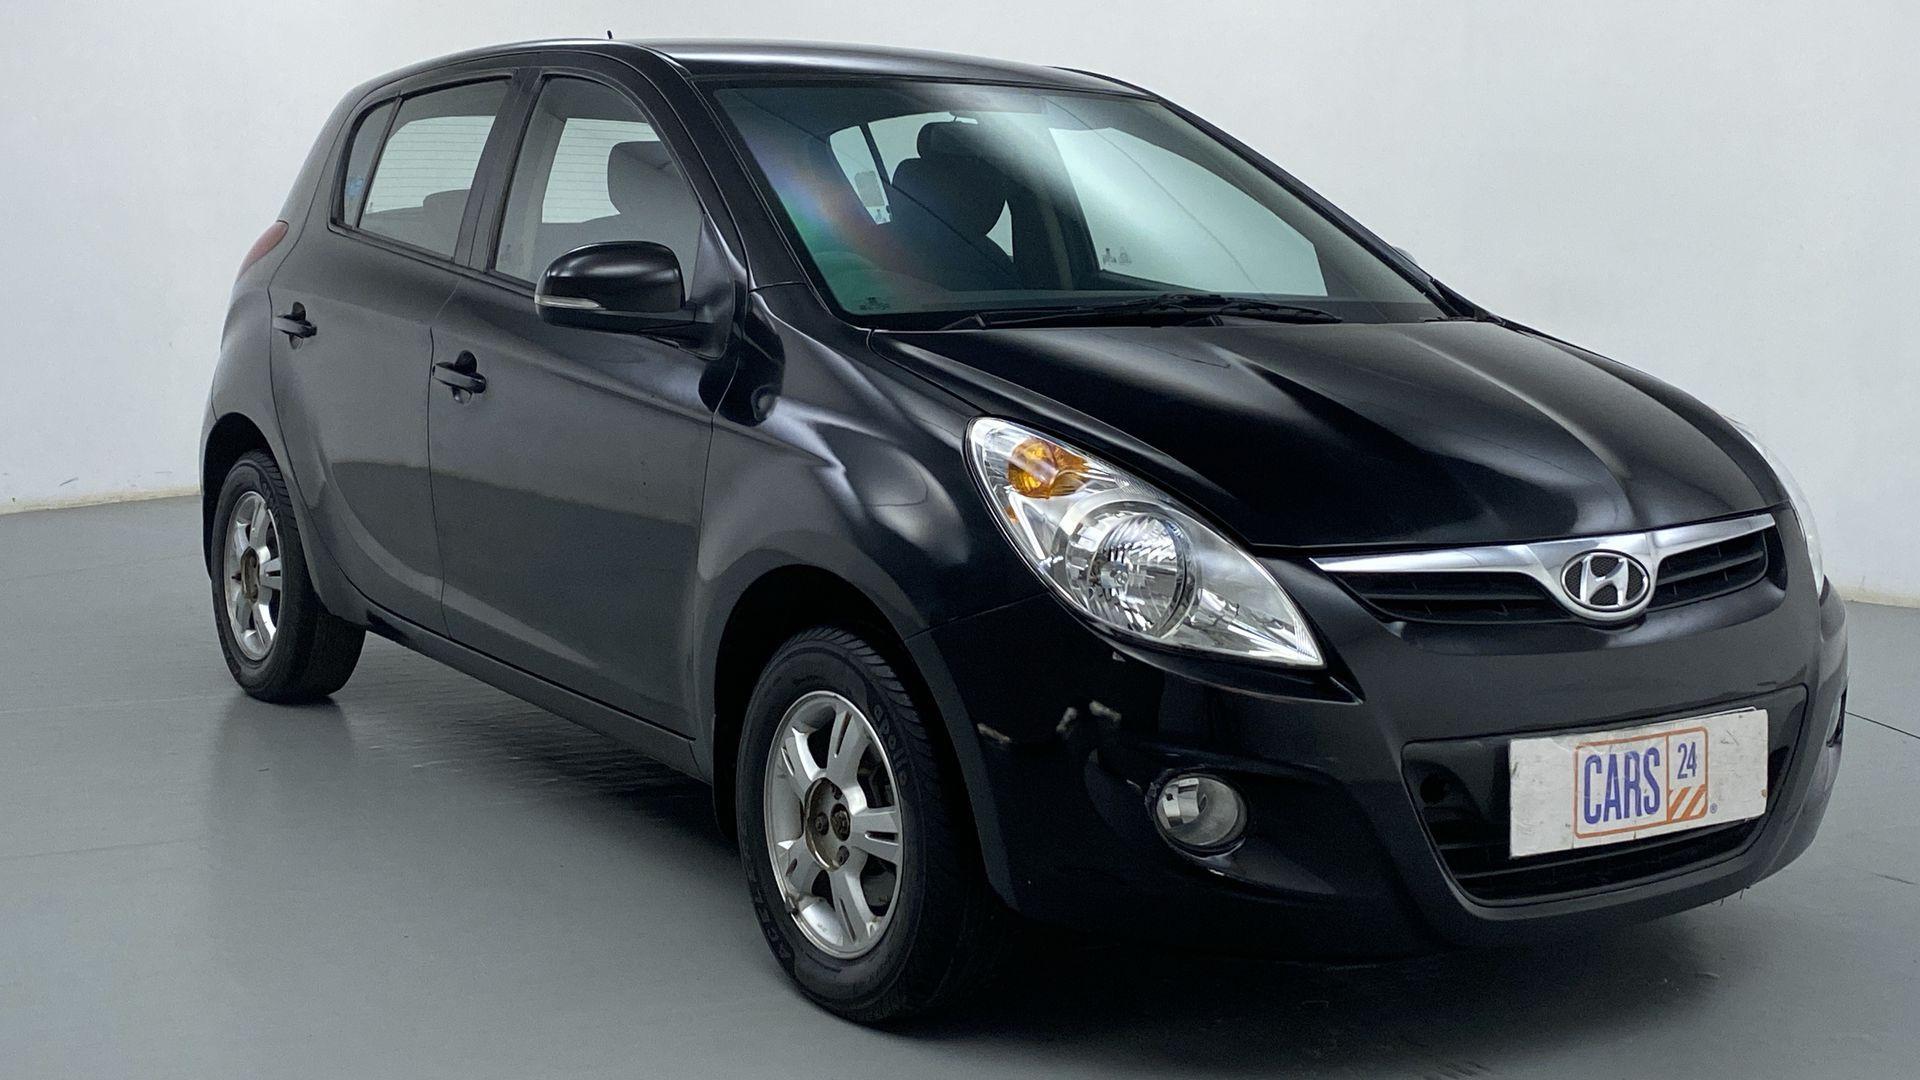 2011 Hyundai i20 ASTA 1.2